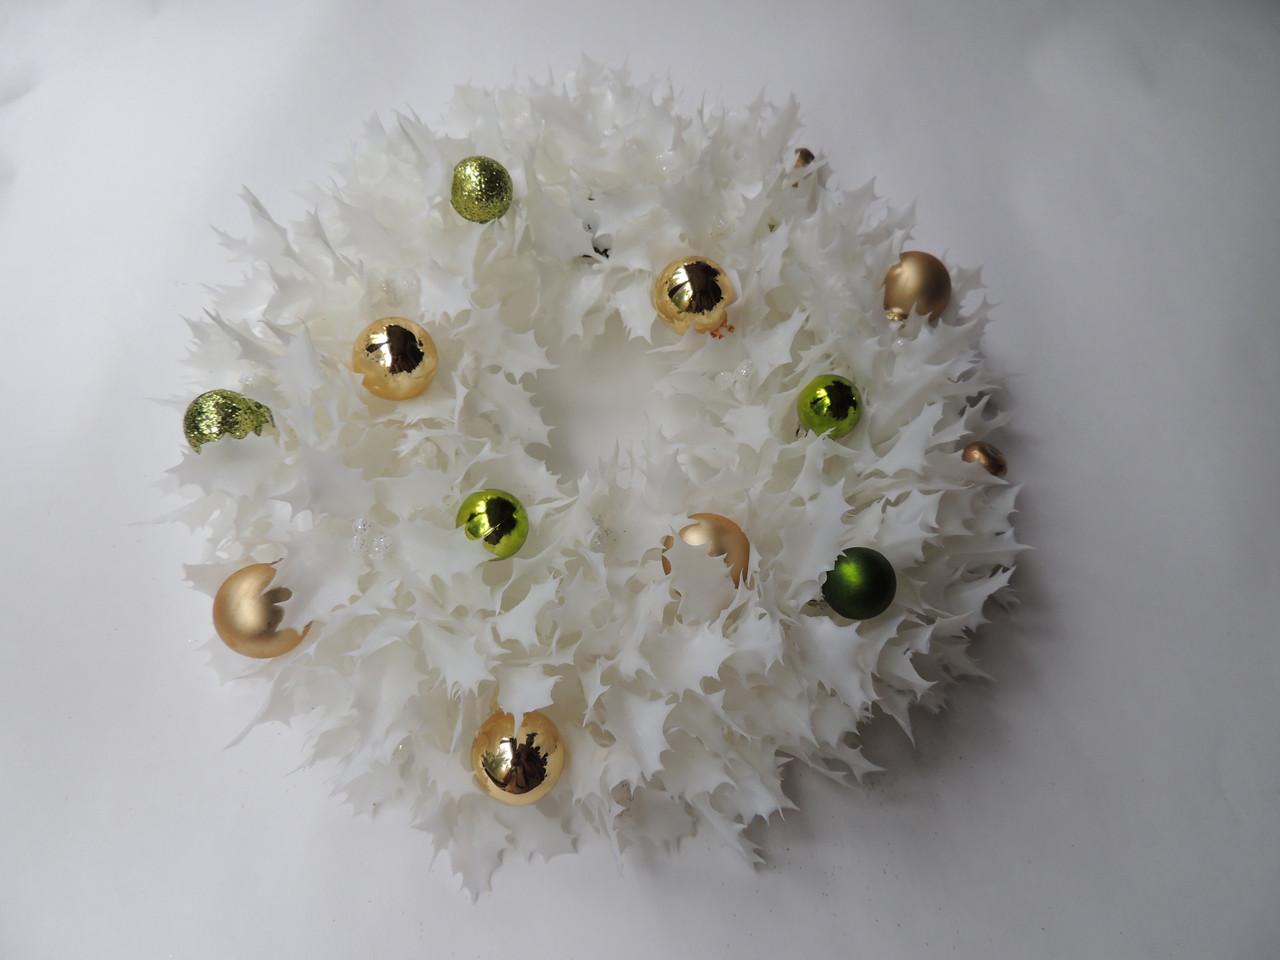 Новогодний рождественский венок с шарами №8 26 см Белый (9590038IK)